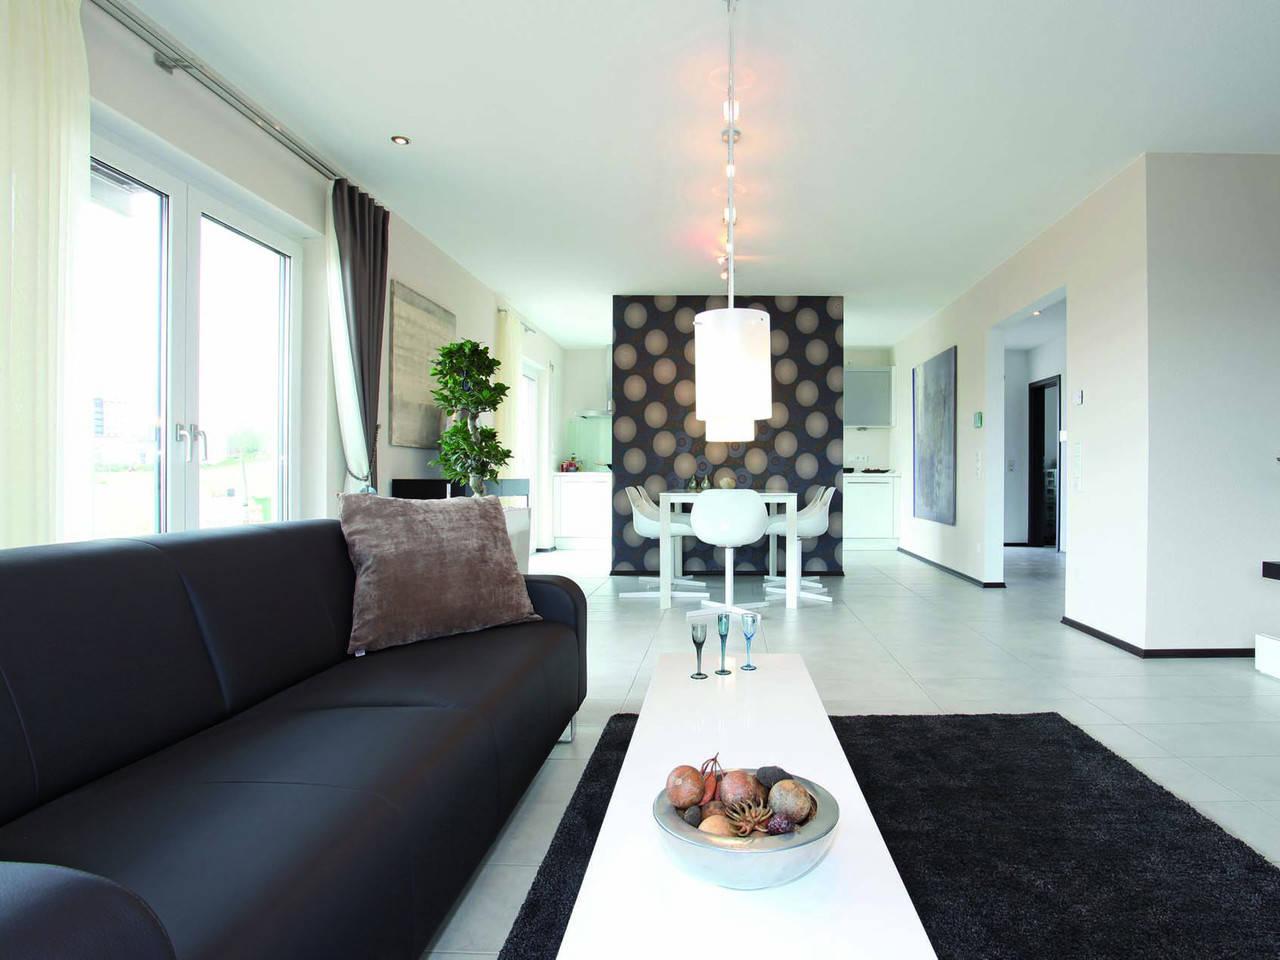 Wohnzimmer MEDLEY 300 als Stadtvilla von FingerHaus